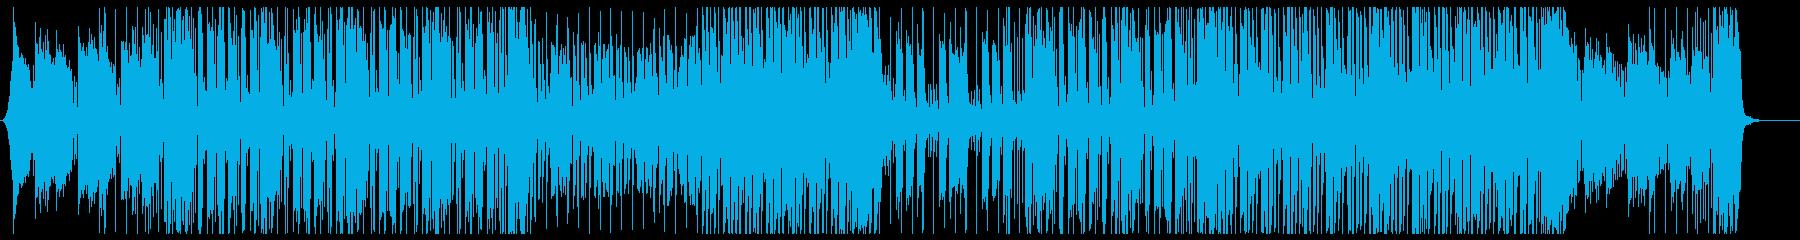 ファンタジーで可愛らしいドリームポップの再生済みの波形